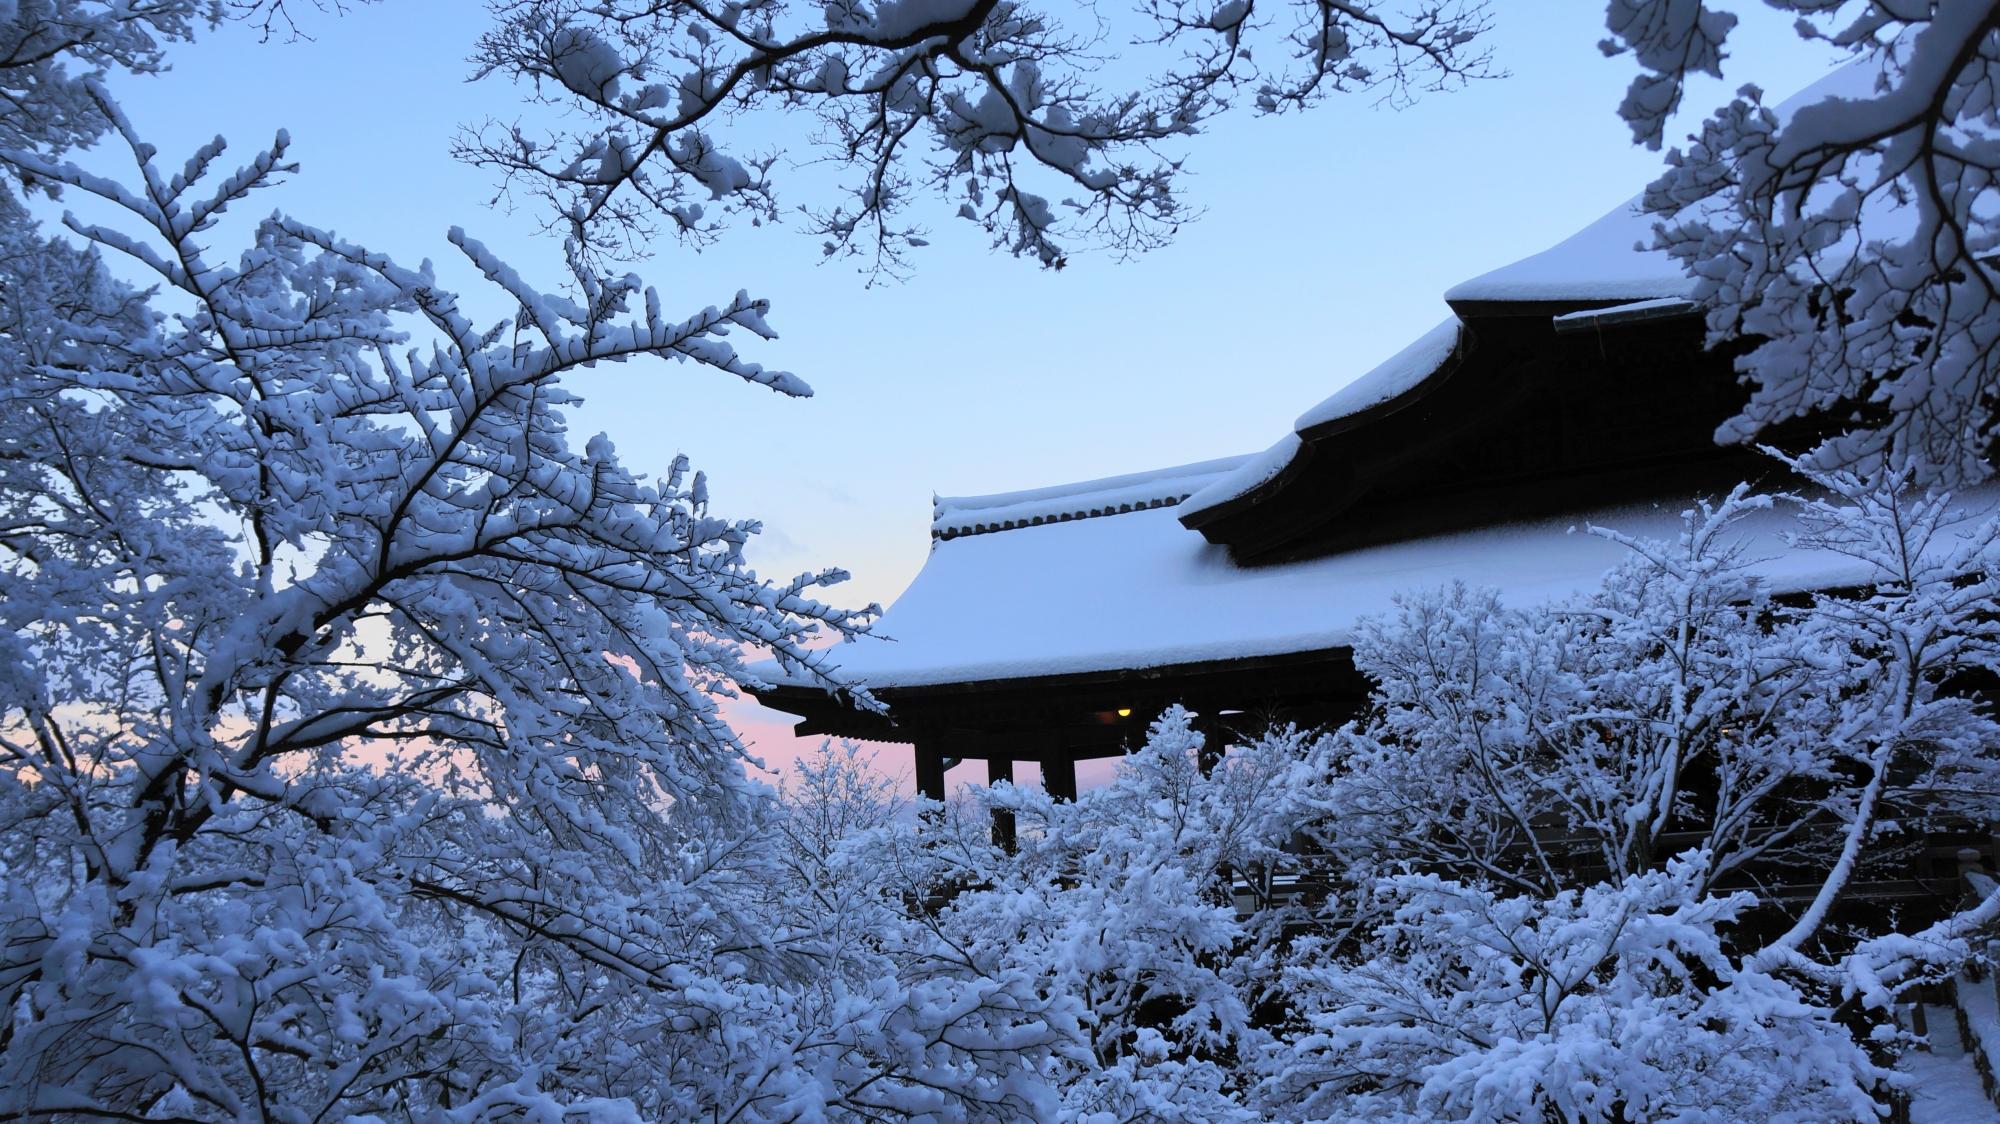 雪の花の間から見える白くそまった舞台